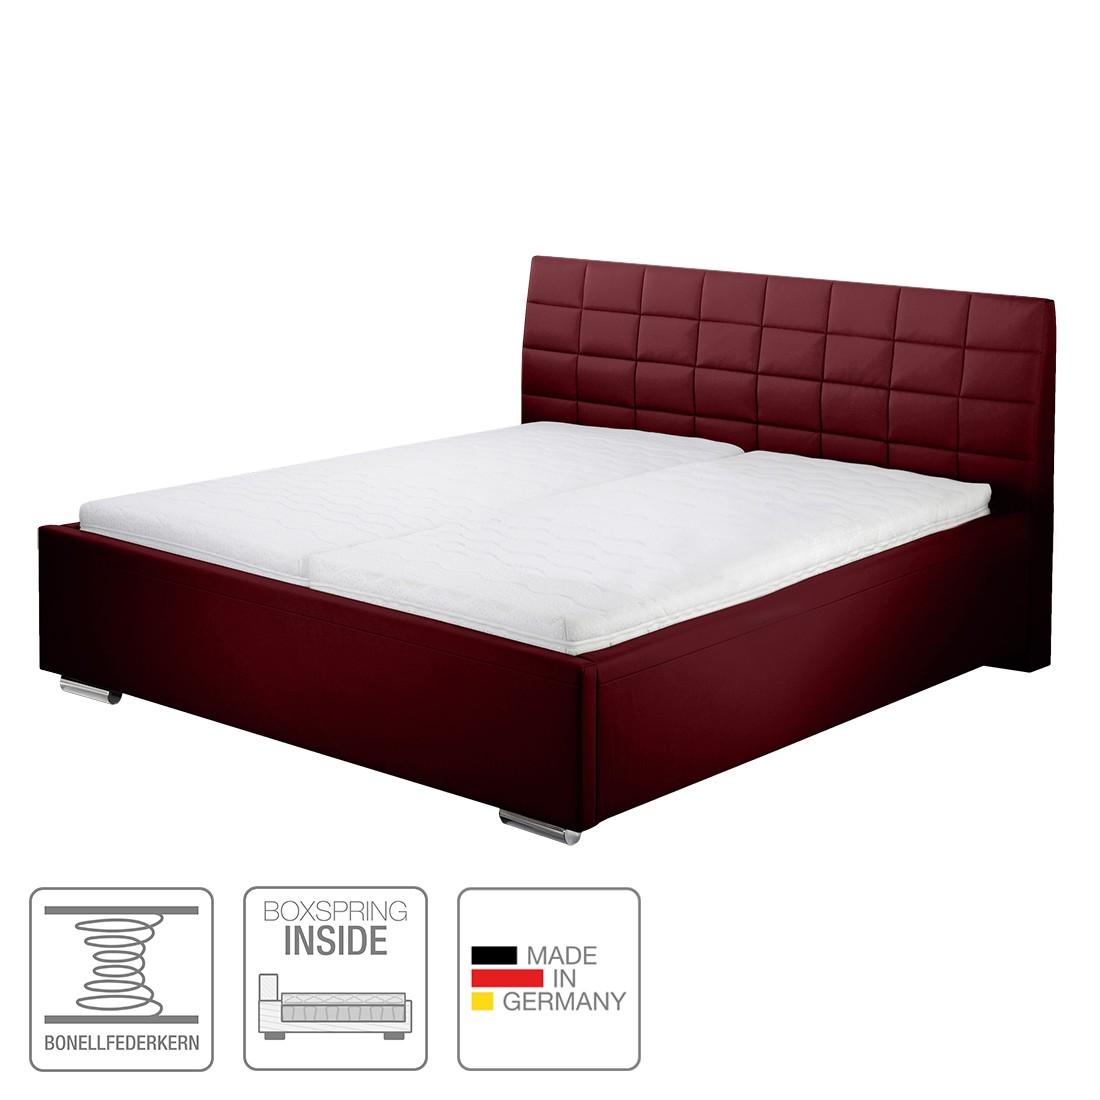 boxspring inside bett victoria kunstleder 140 x 200cm h4 ab 100 kg. Black Bedroom Furniture Sets. Home Design Ideas